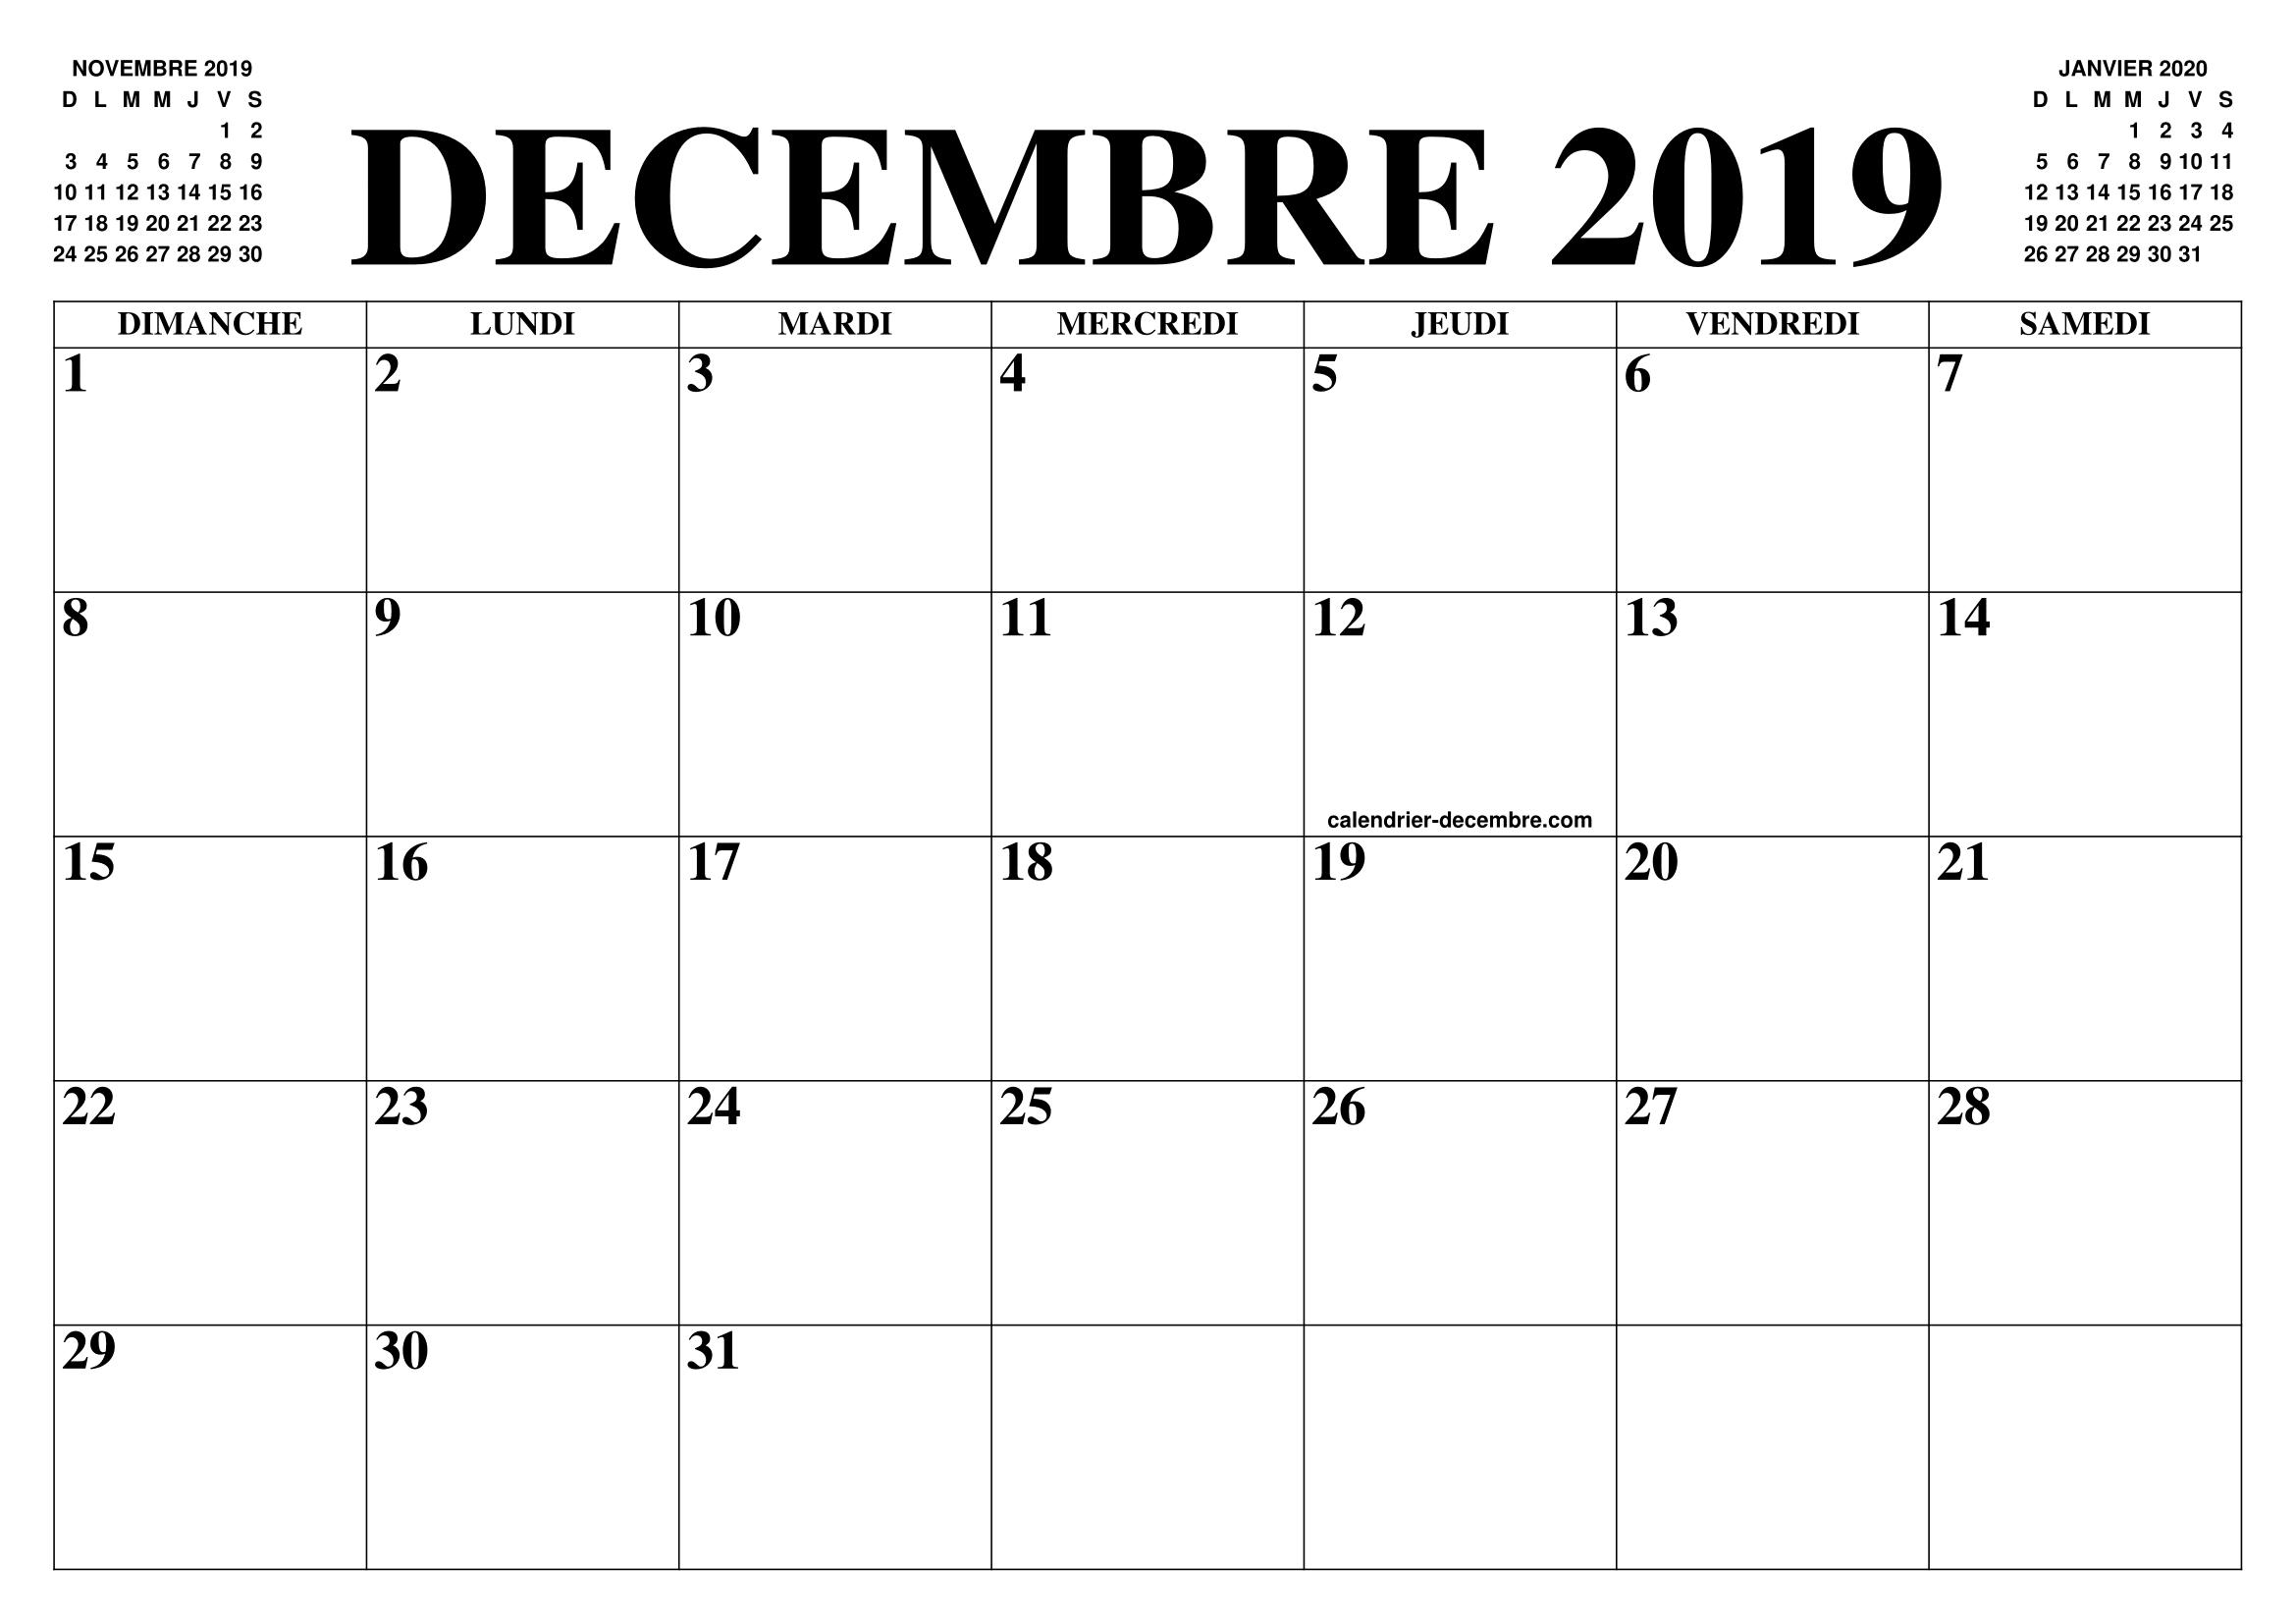 Calendrier 2019 Mois Par Mois A Imprimer.Calendrier Decembre 2019 2020 Le Calendrier Du Mois De